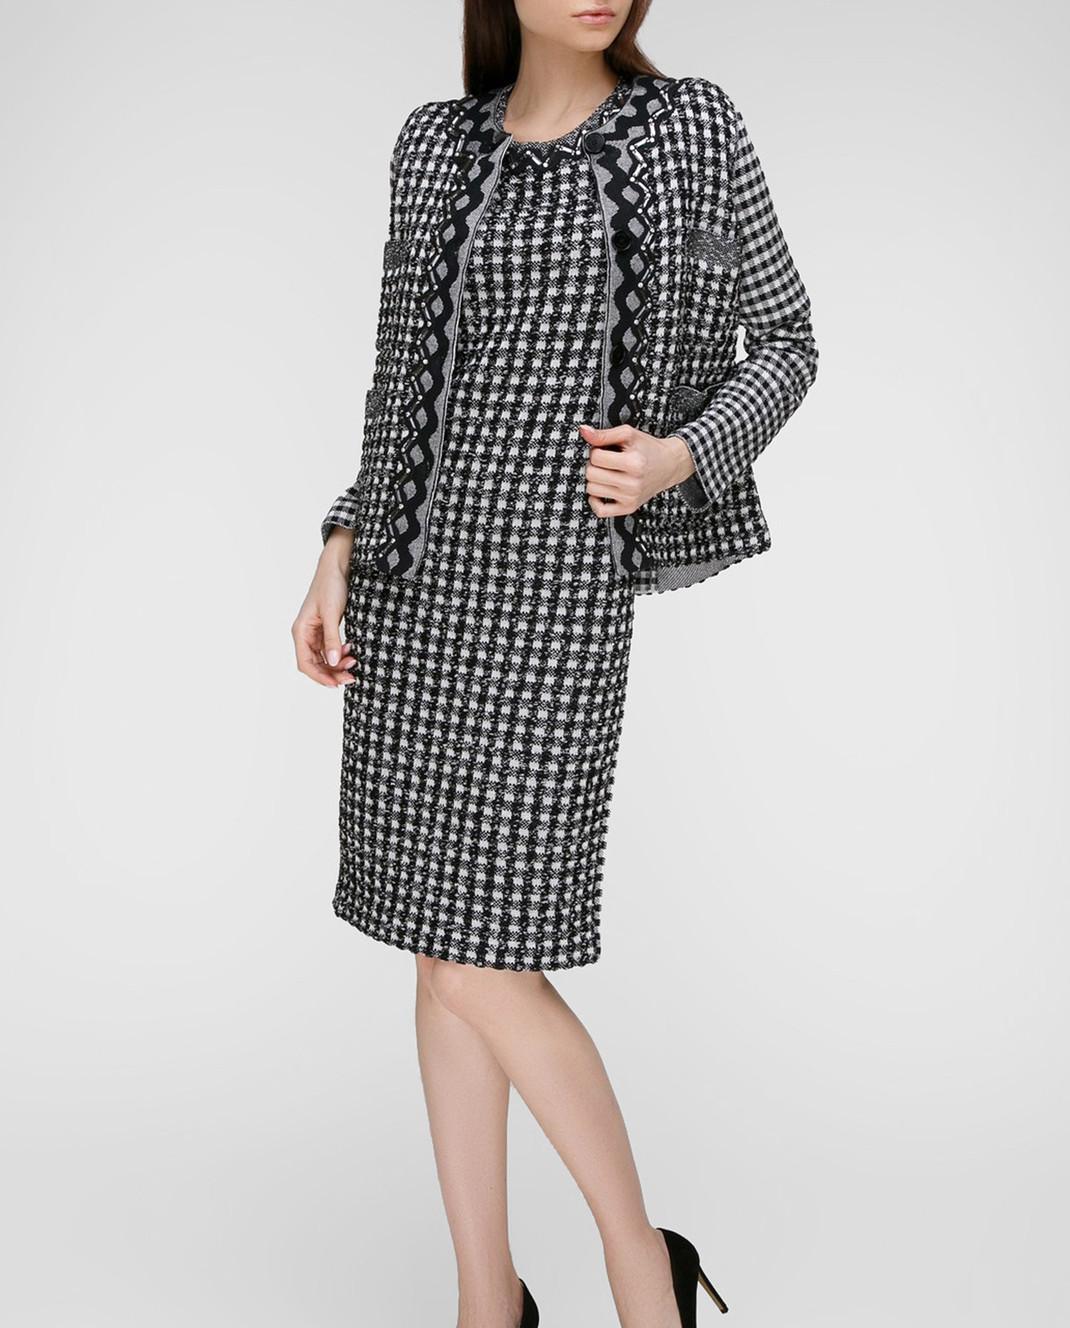 Sonia Rykiel Черное платье 17865419 изображение 2